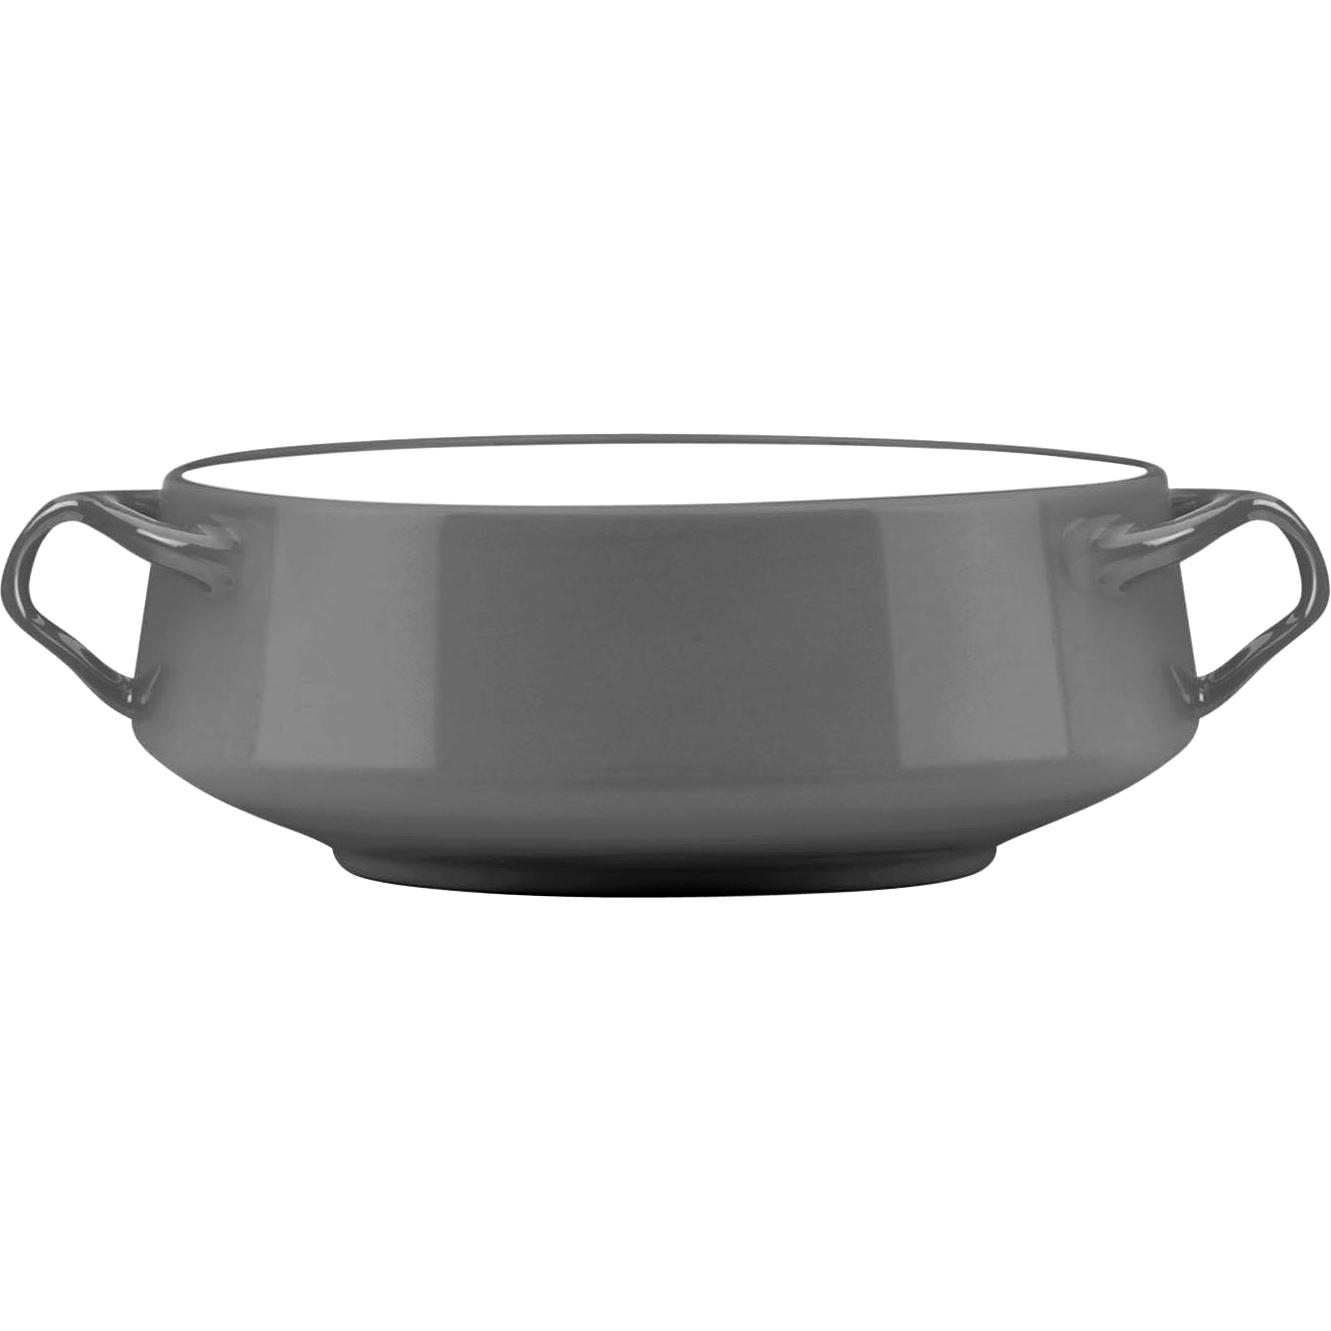 Dansk Kobenstyle Slate Large Stoneware Serving Bowl